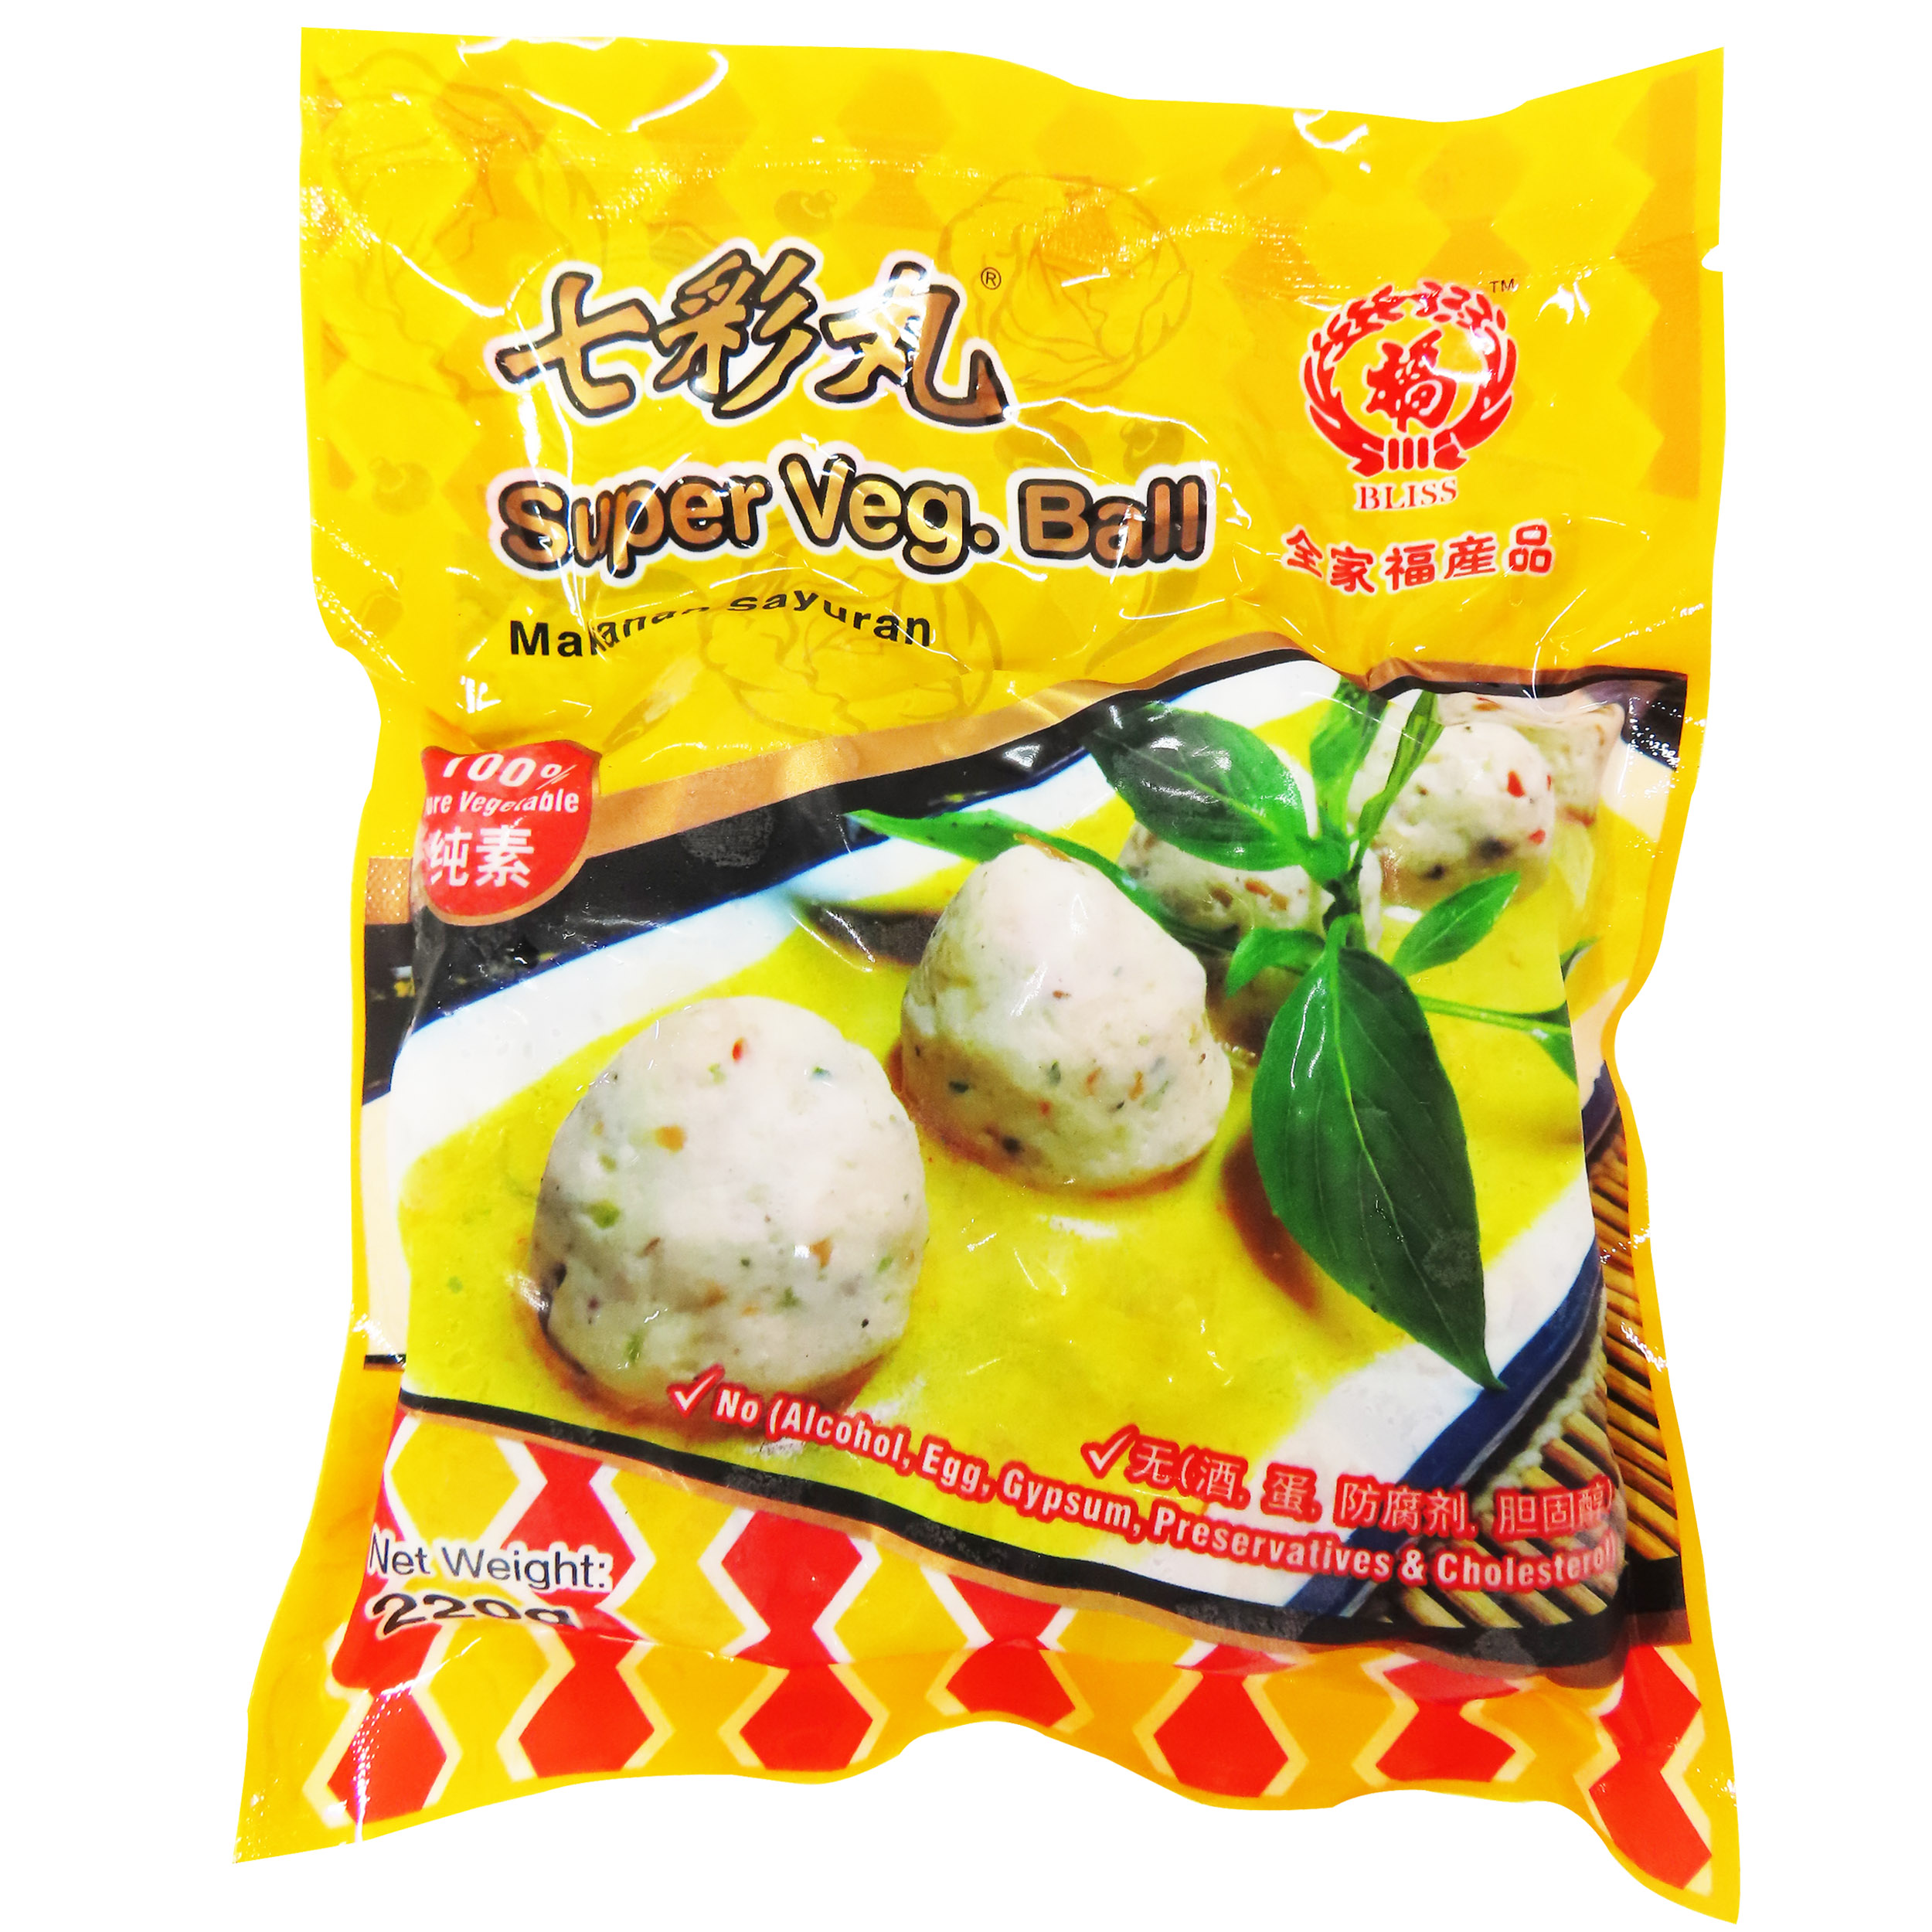 Image Colourful Fishball Super Veg. Ball 全家福-七彩鱼丸 220grams